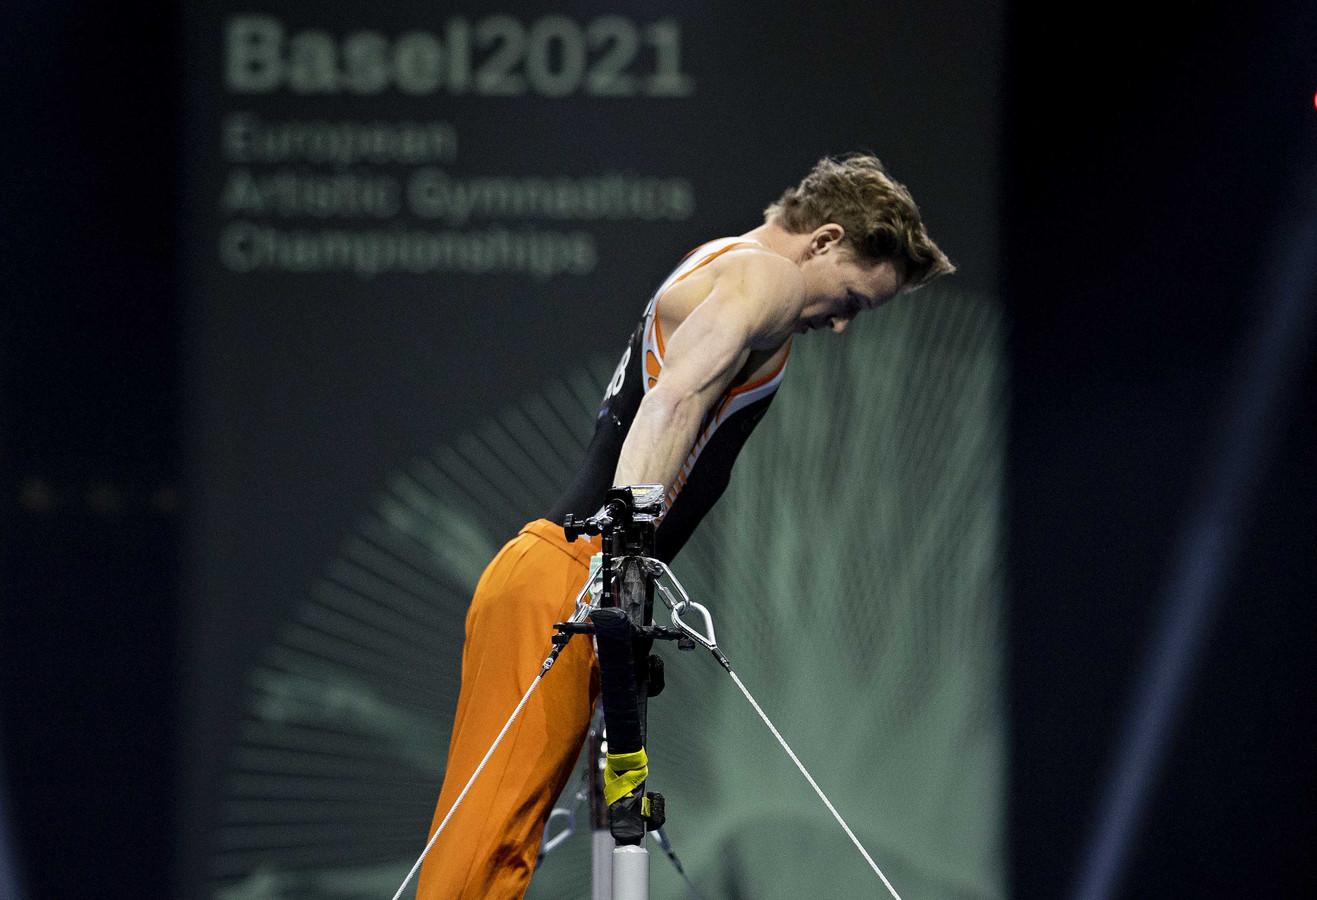 Epke Zonderland tijdens de kwalificatie op rekstok. Zijn optreden was niet voldoende voor een plek in de finale.